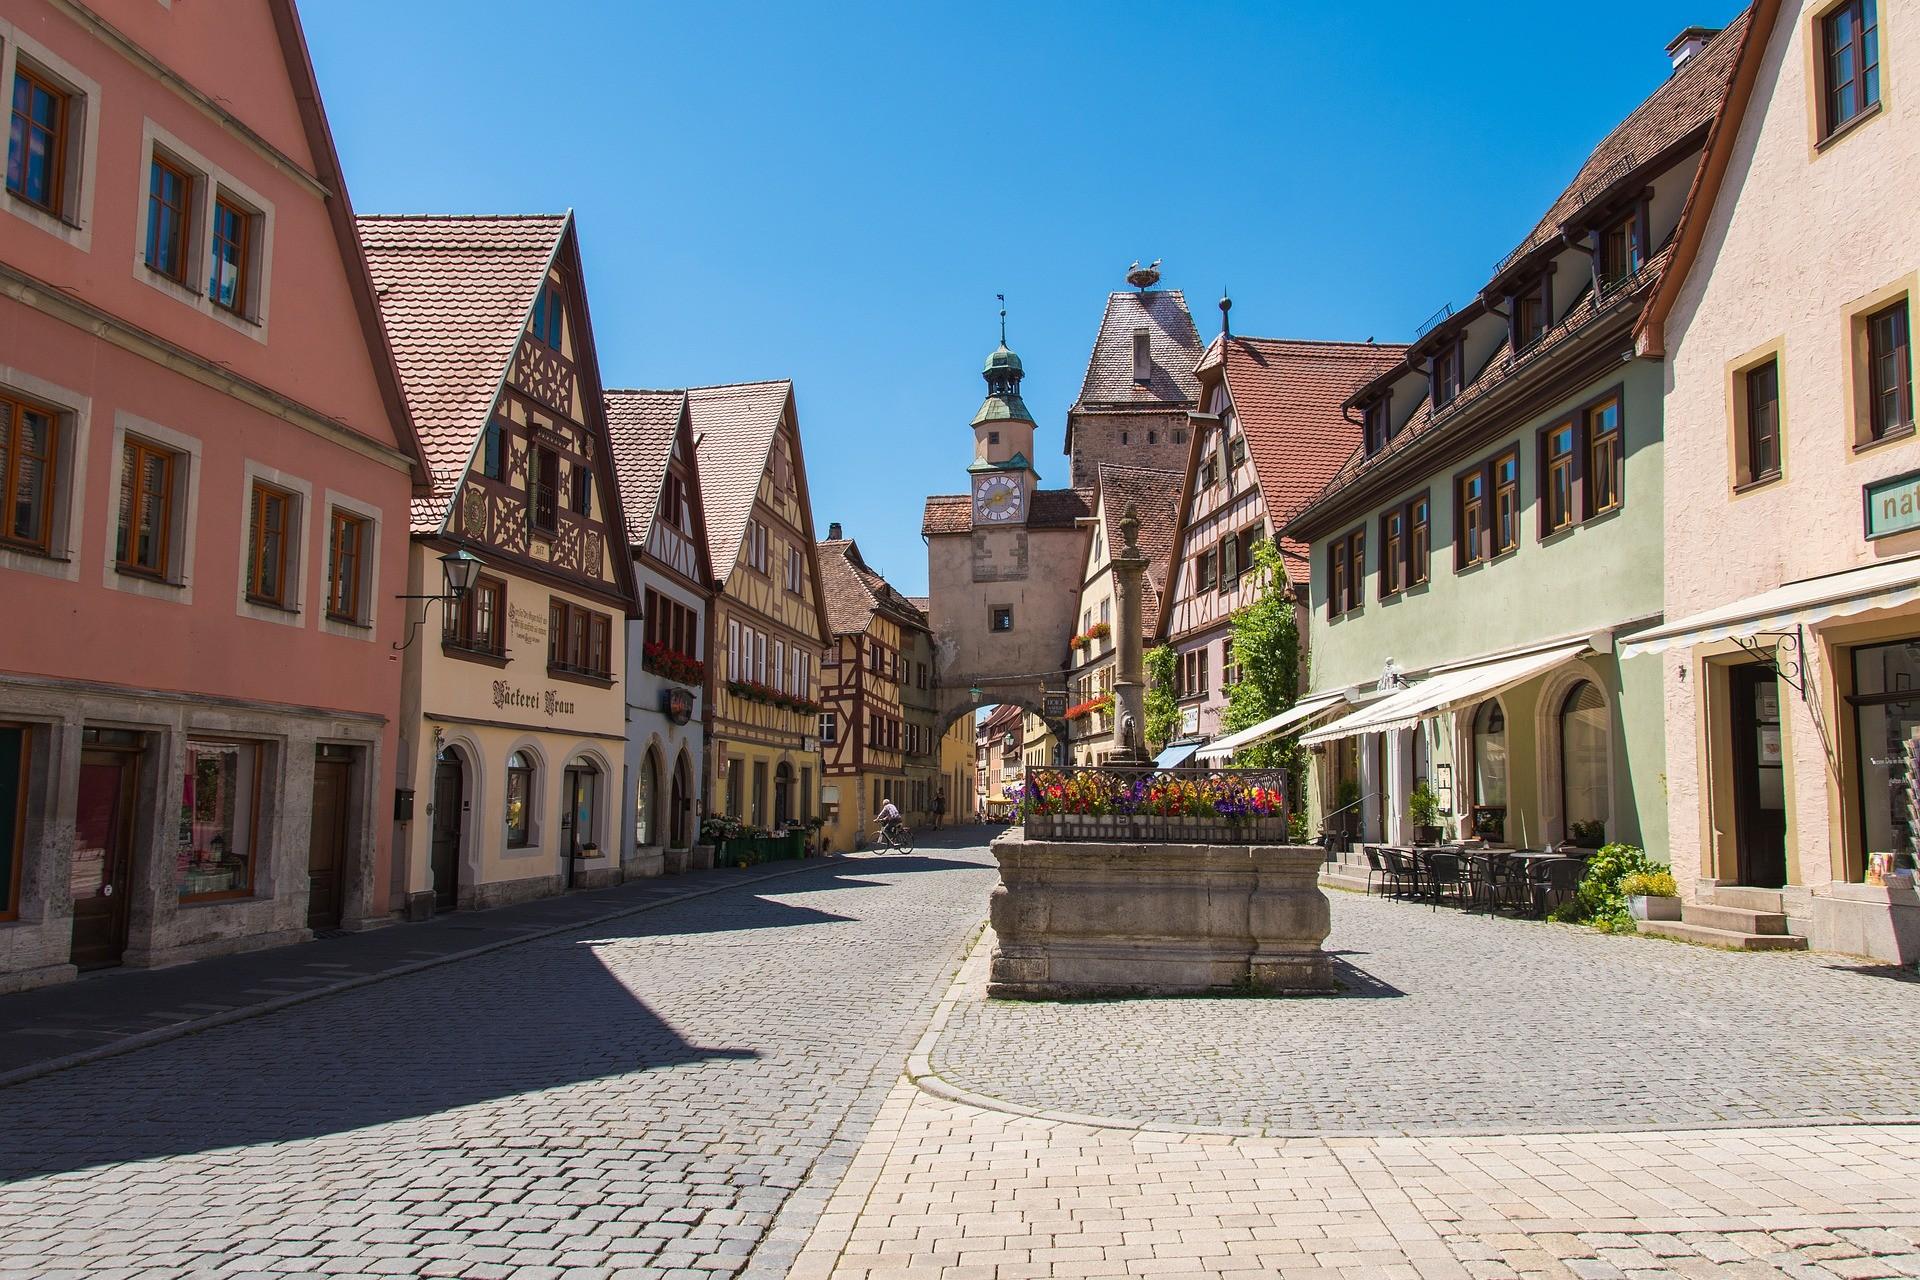 ▲【旅行攻略】每個都想去!歐洲8大童話小鎮你去過幾個了?。(圖/取自免費圖庫Pixabay)